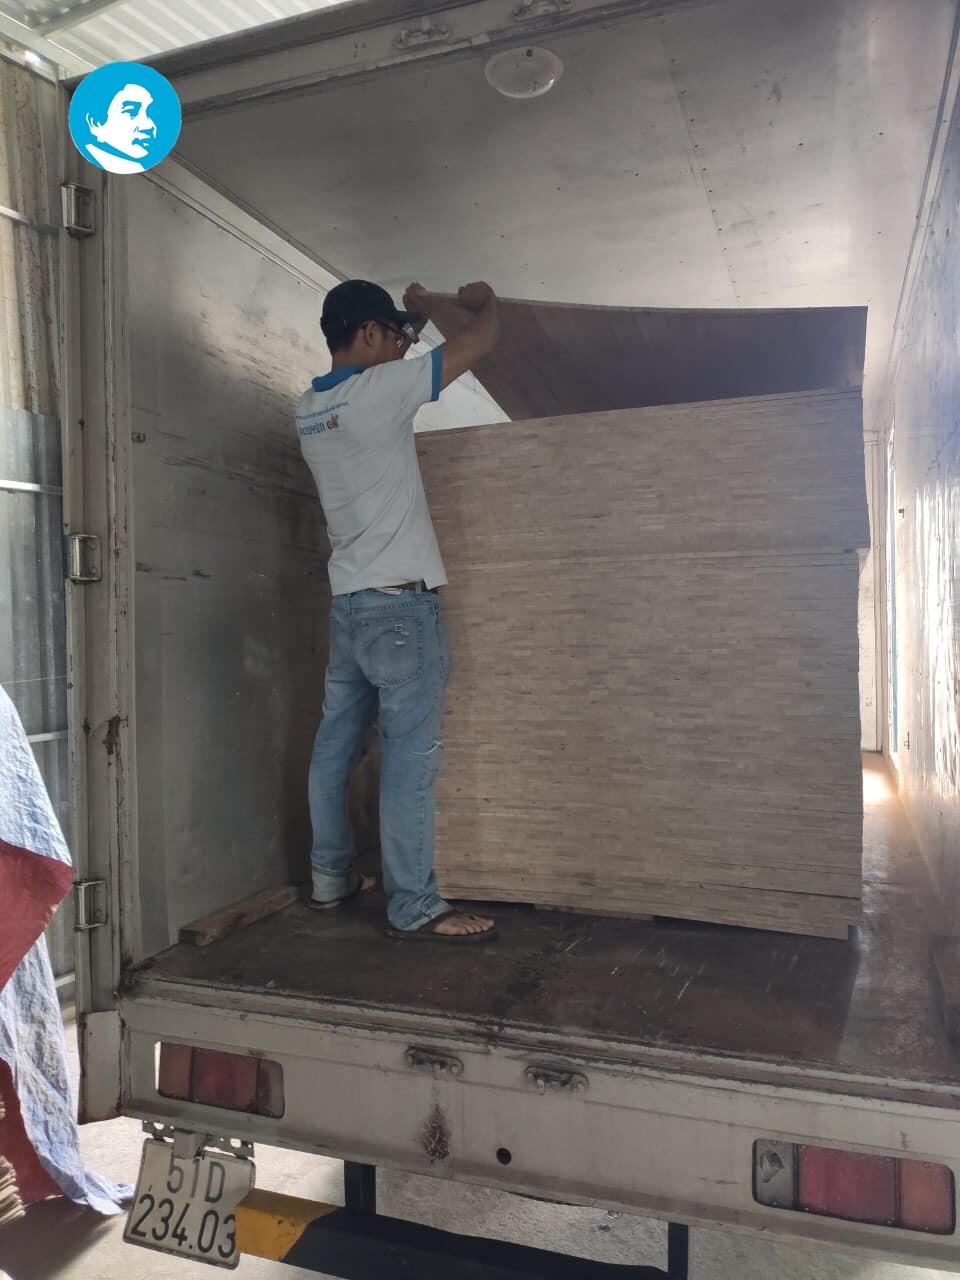 Công ty TNHH XD – SX – TM – DV Xuất Nhập Khẩu Đồng Tấn Phát cam kết ván ghép gỗ cao su chất lượng cao, đạt chuẩn xuất khẩu.